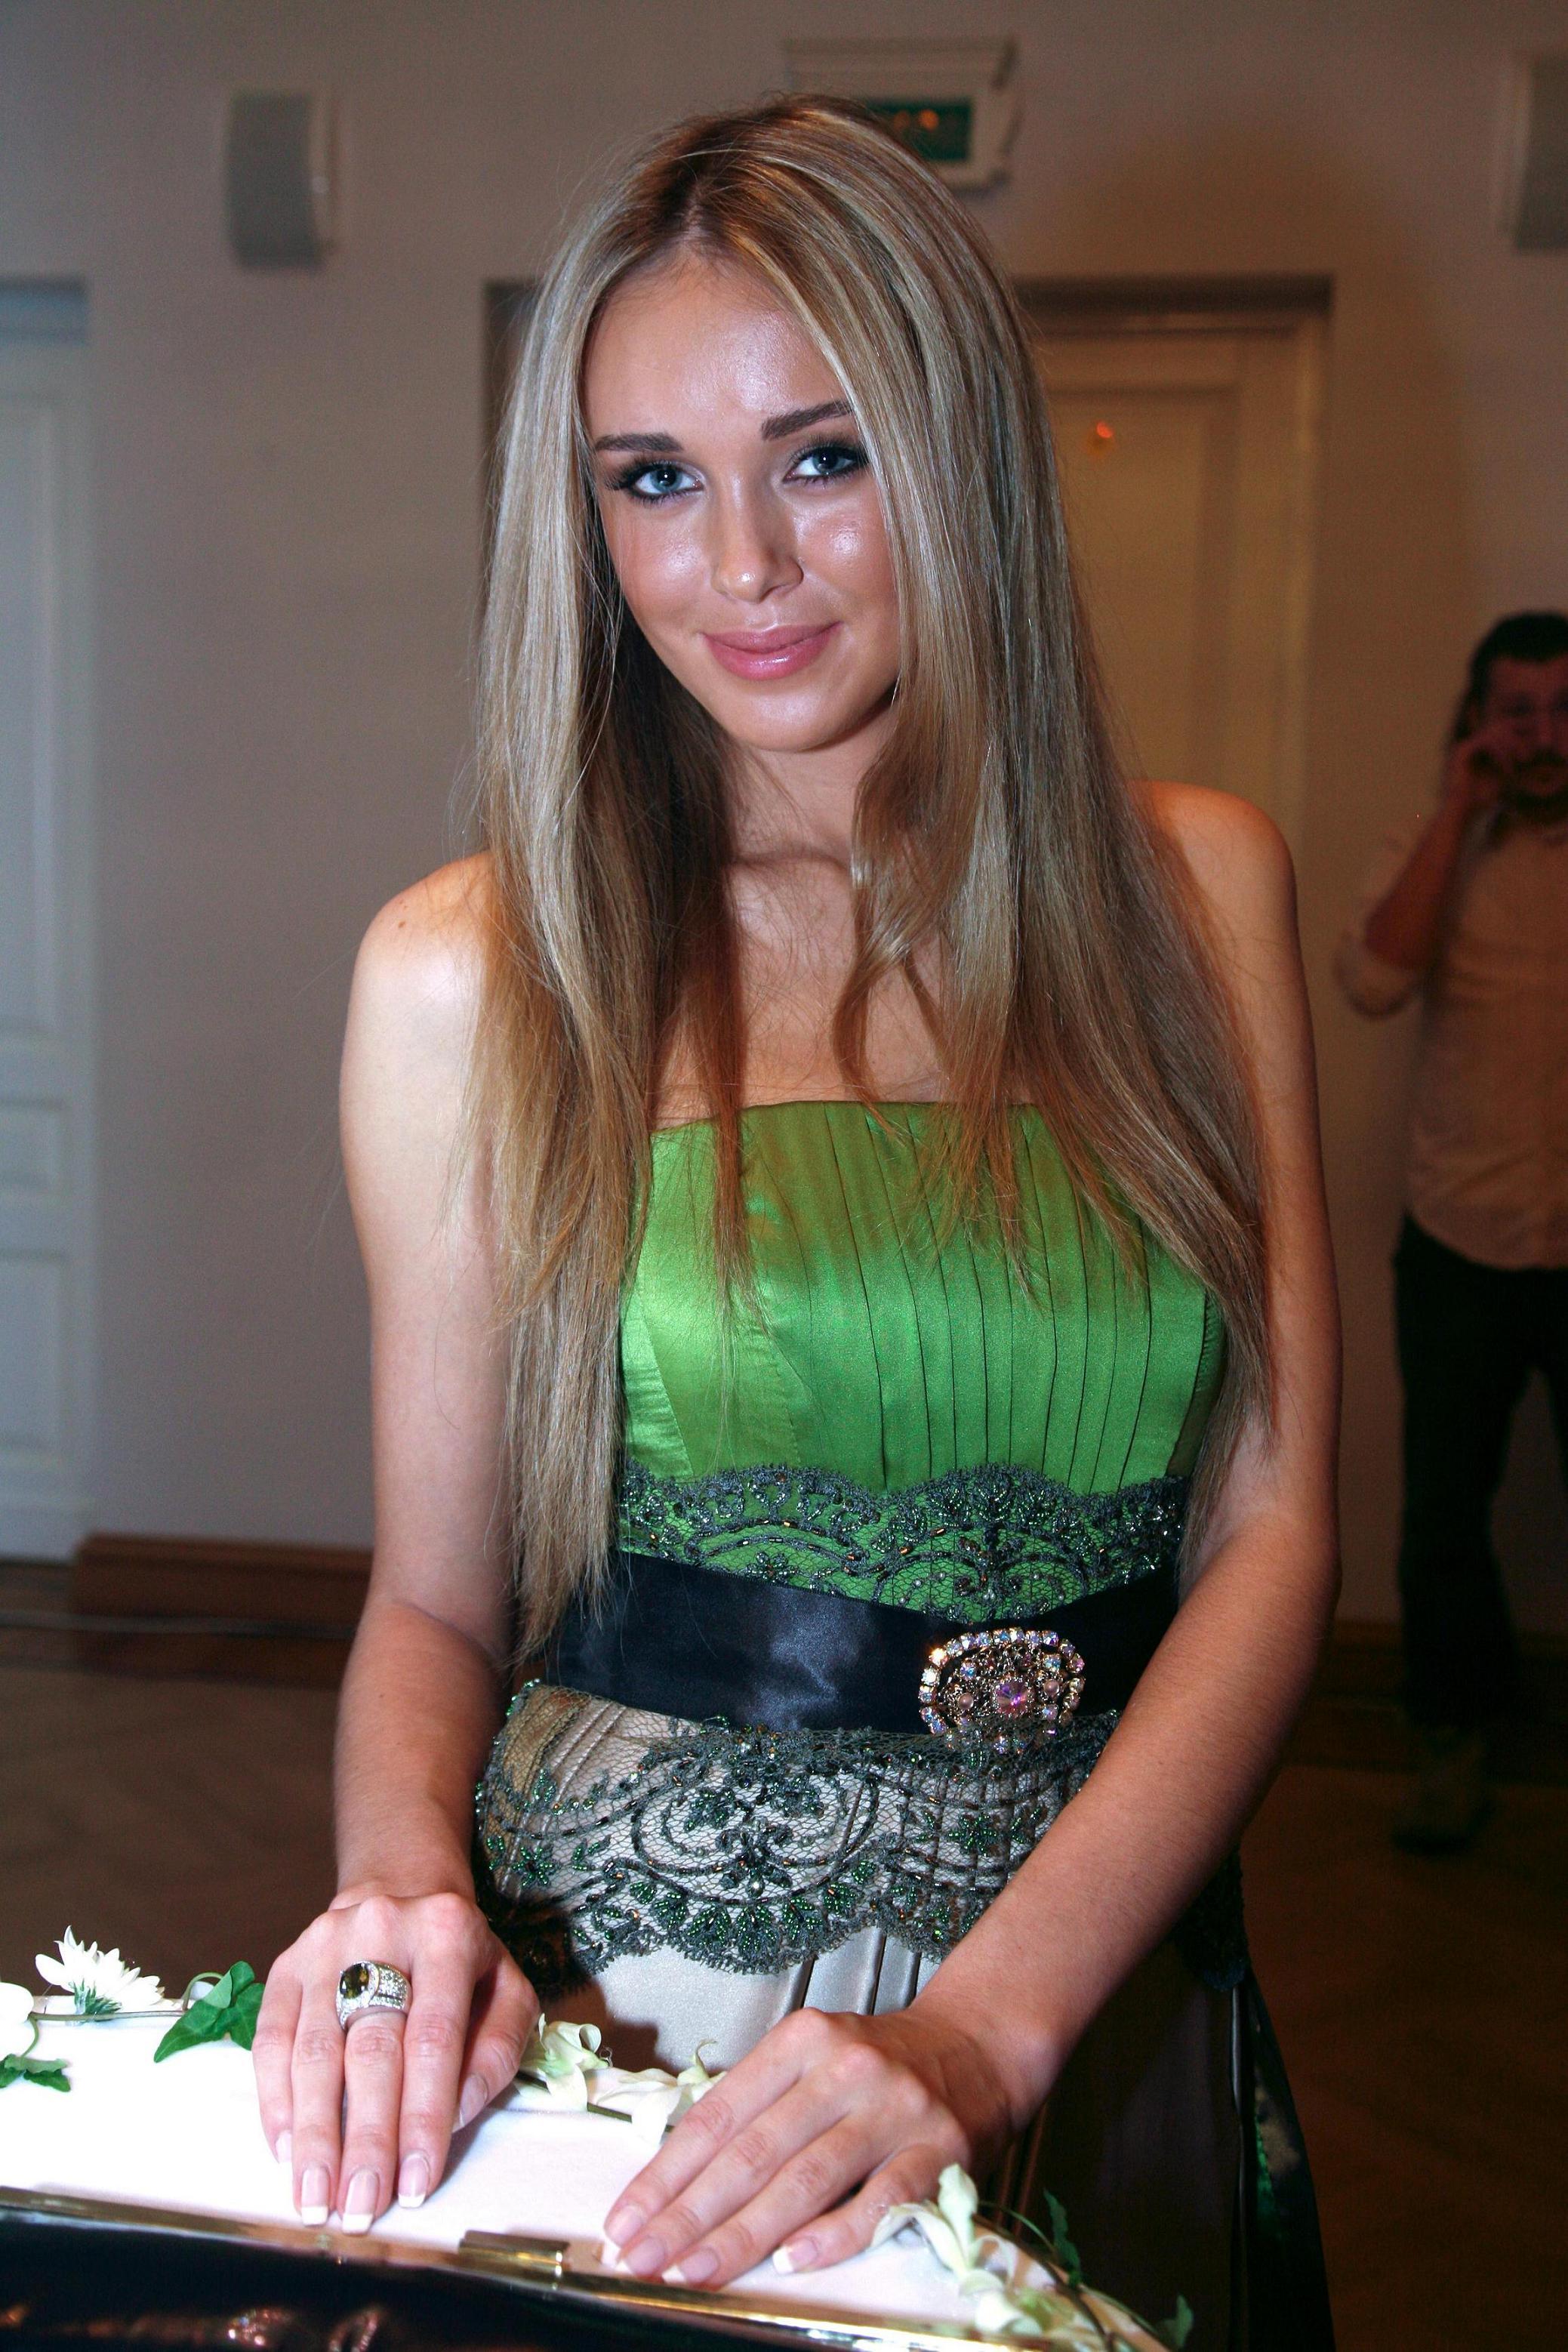 Ksenia Sukhinova Photo 54 Of 204 Pics Wallpaper Photo